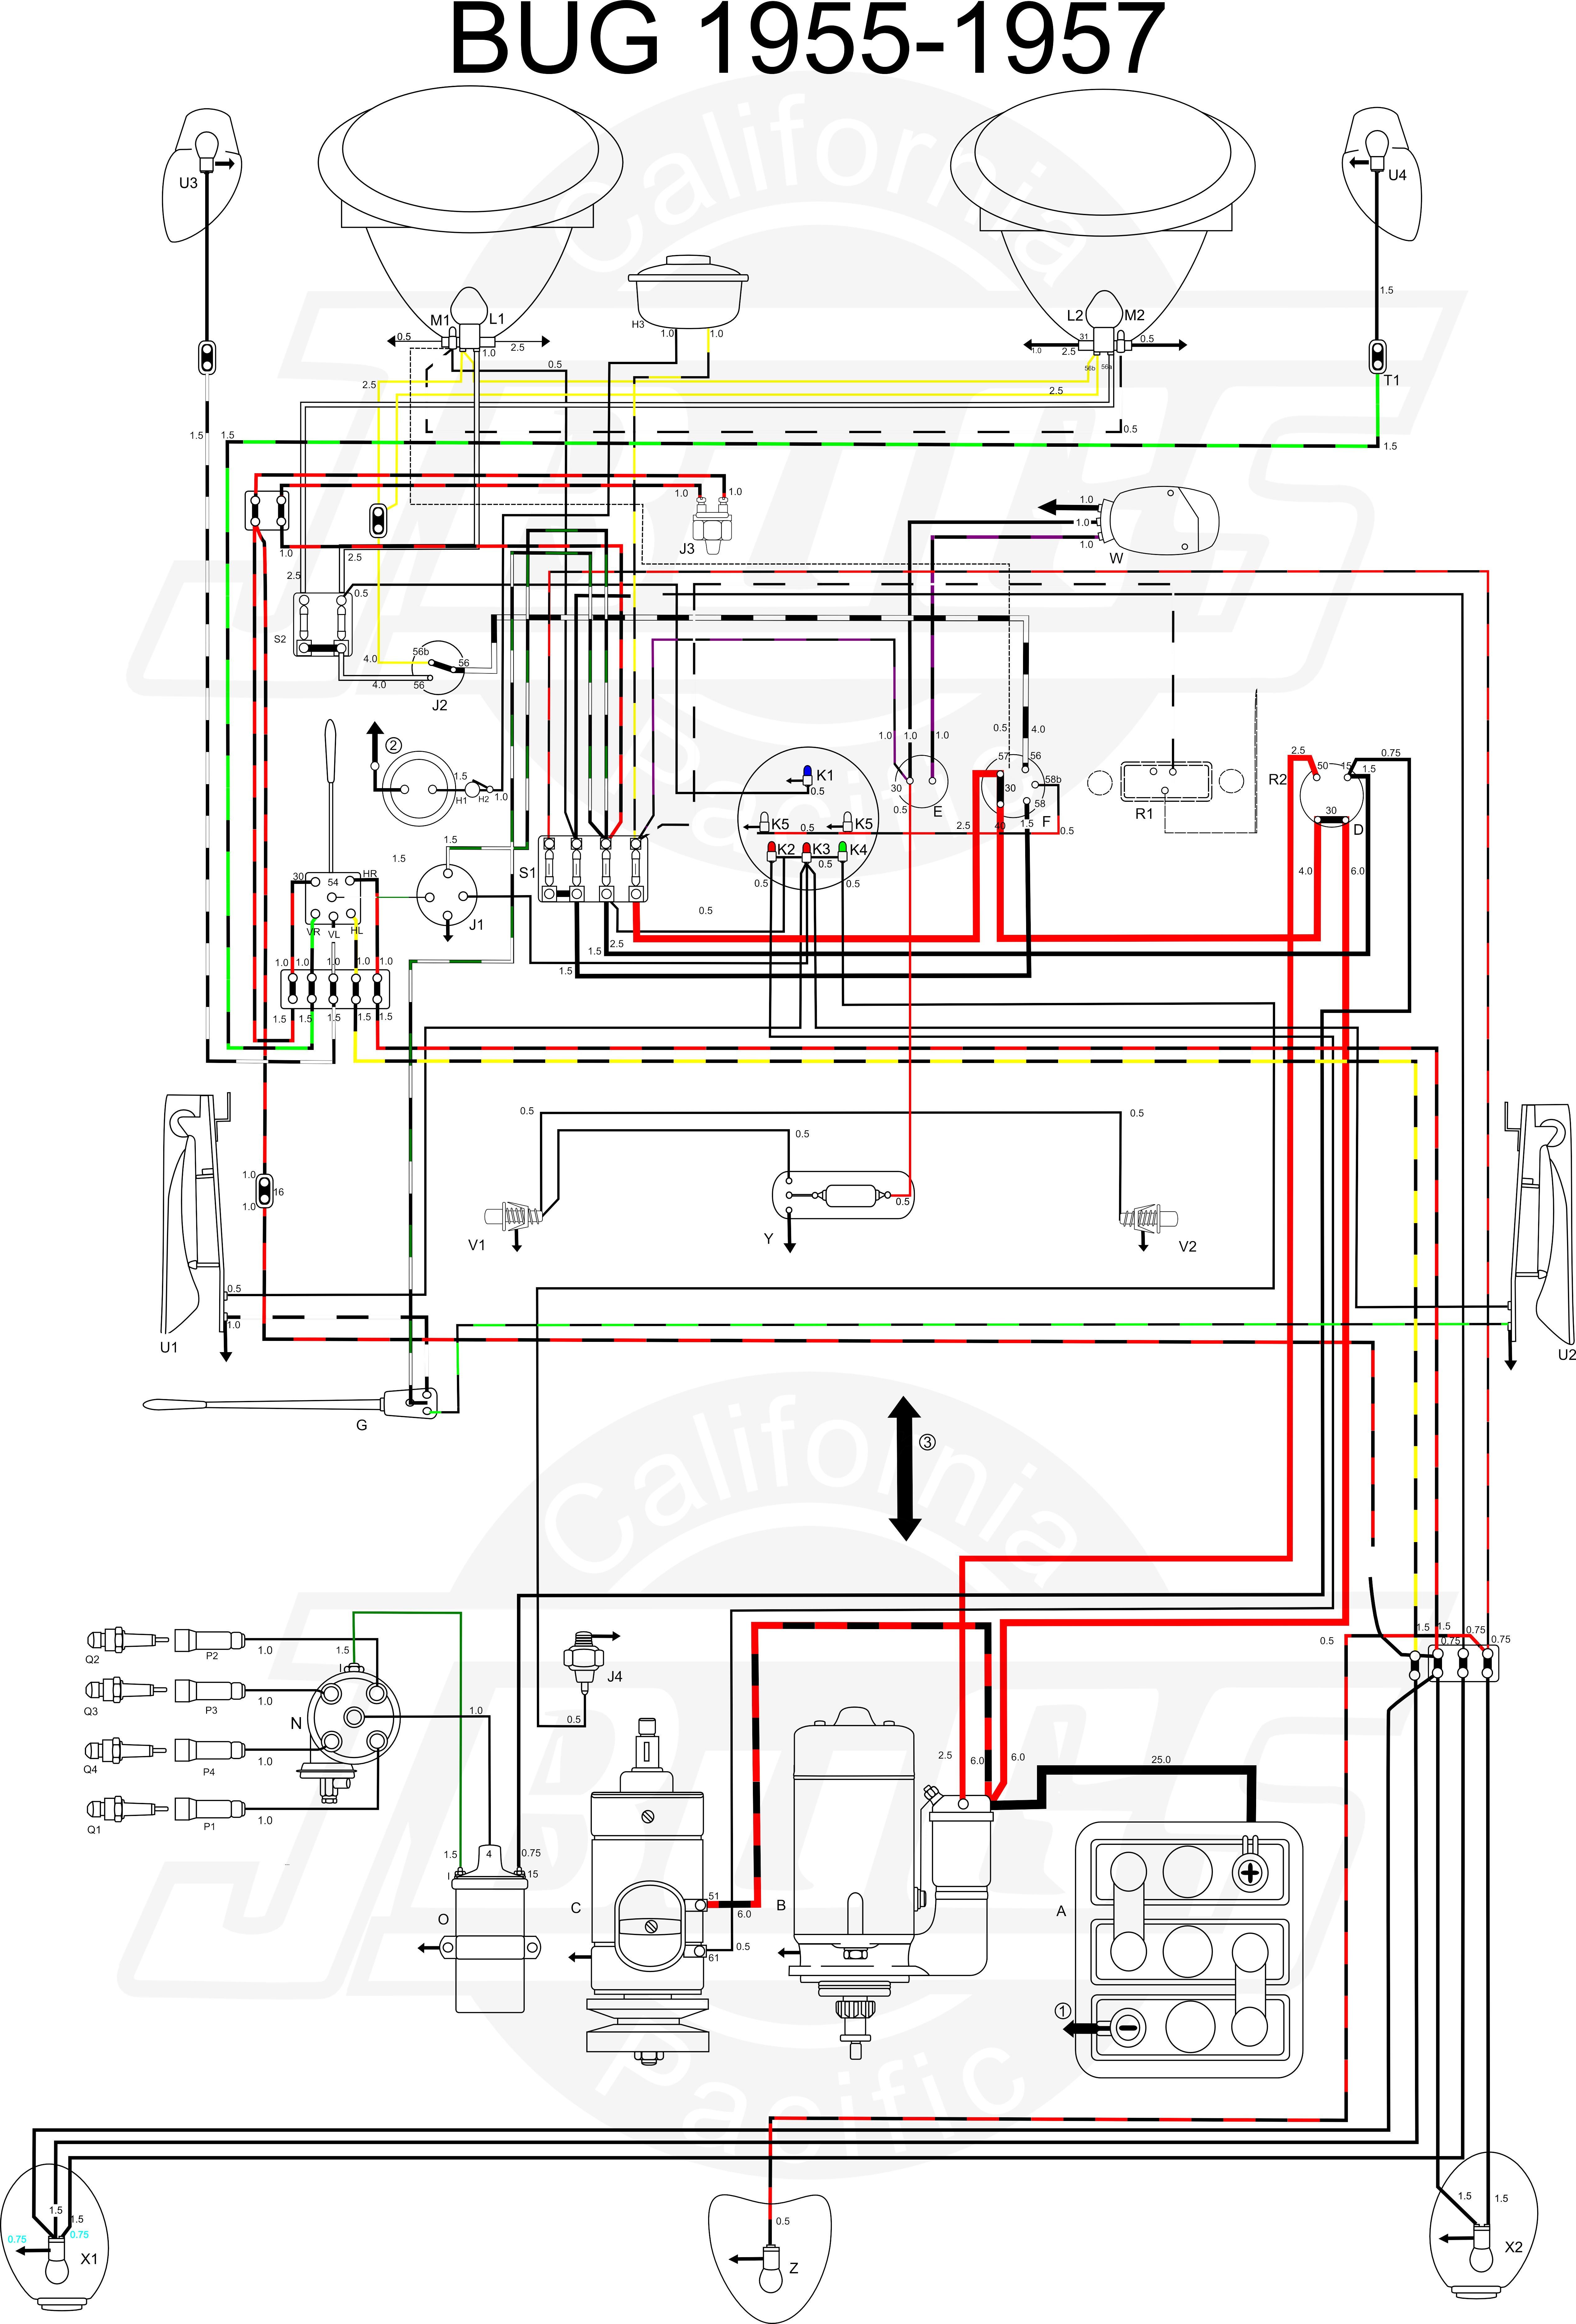 Talon 150 Dune Buggy Wiring Diagram